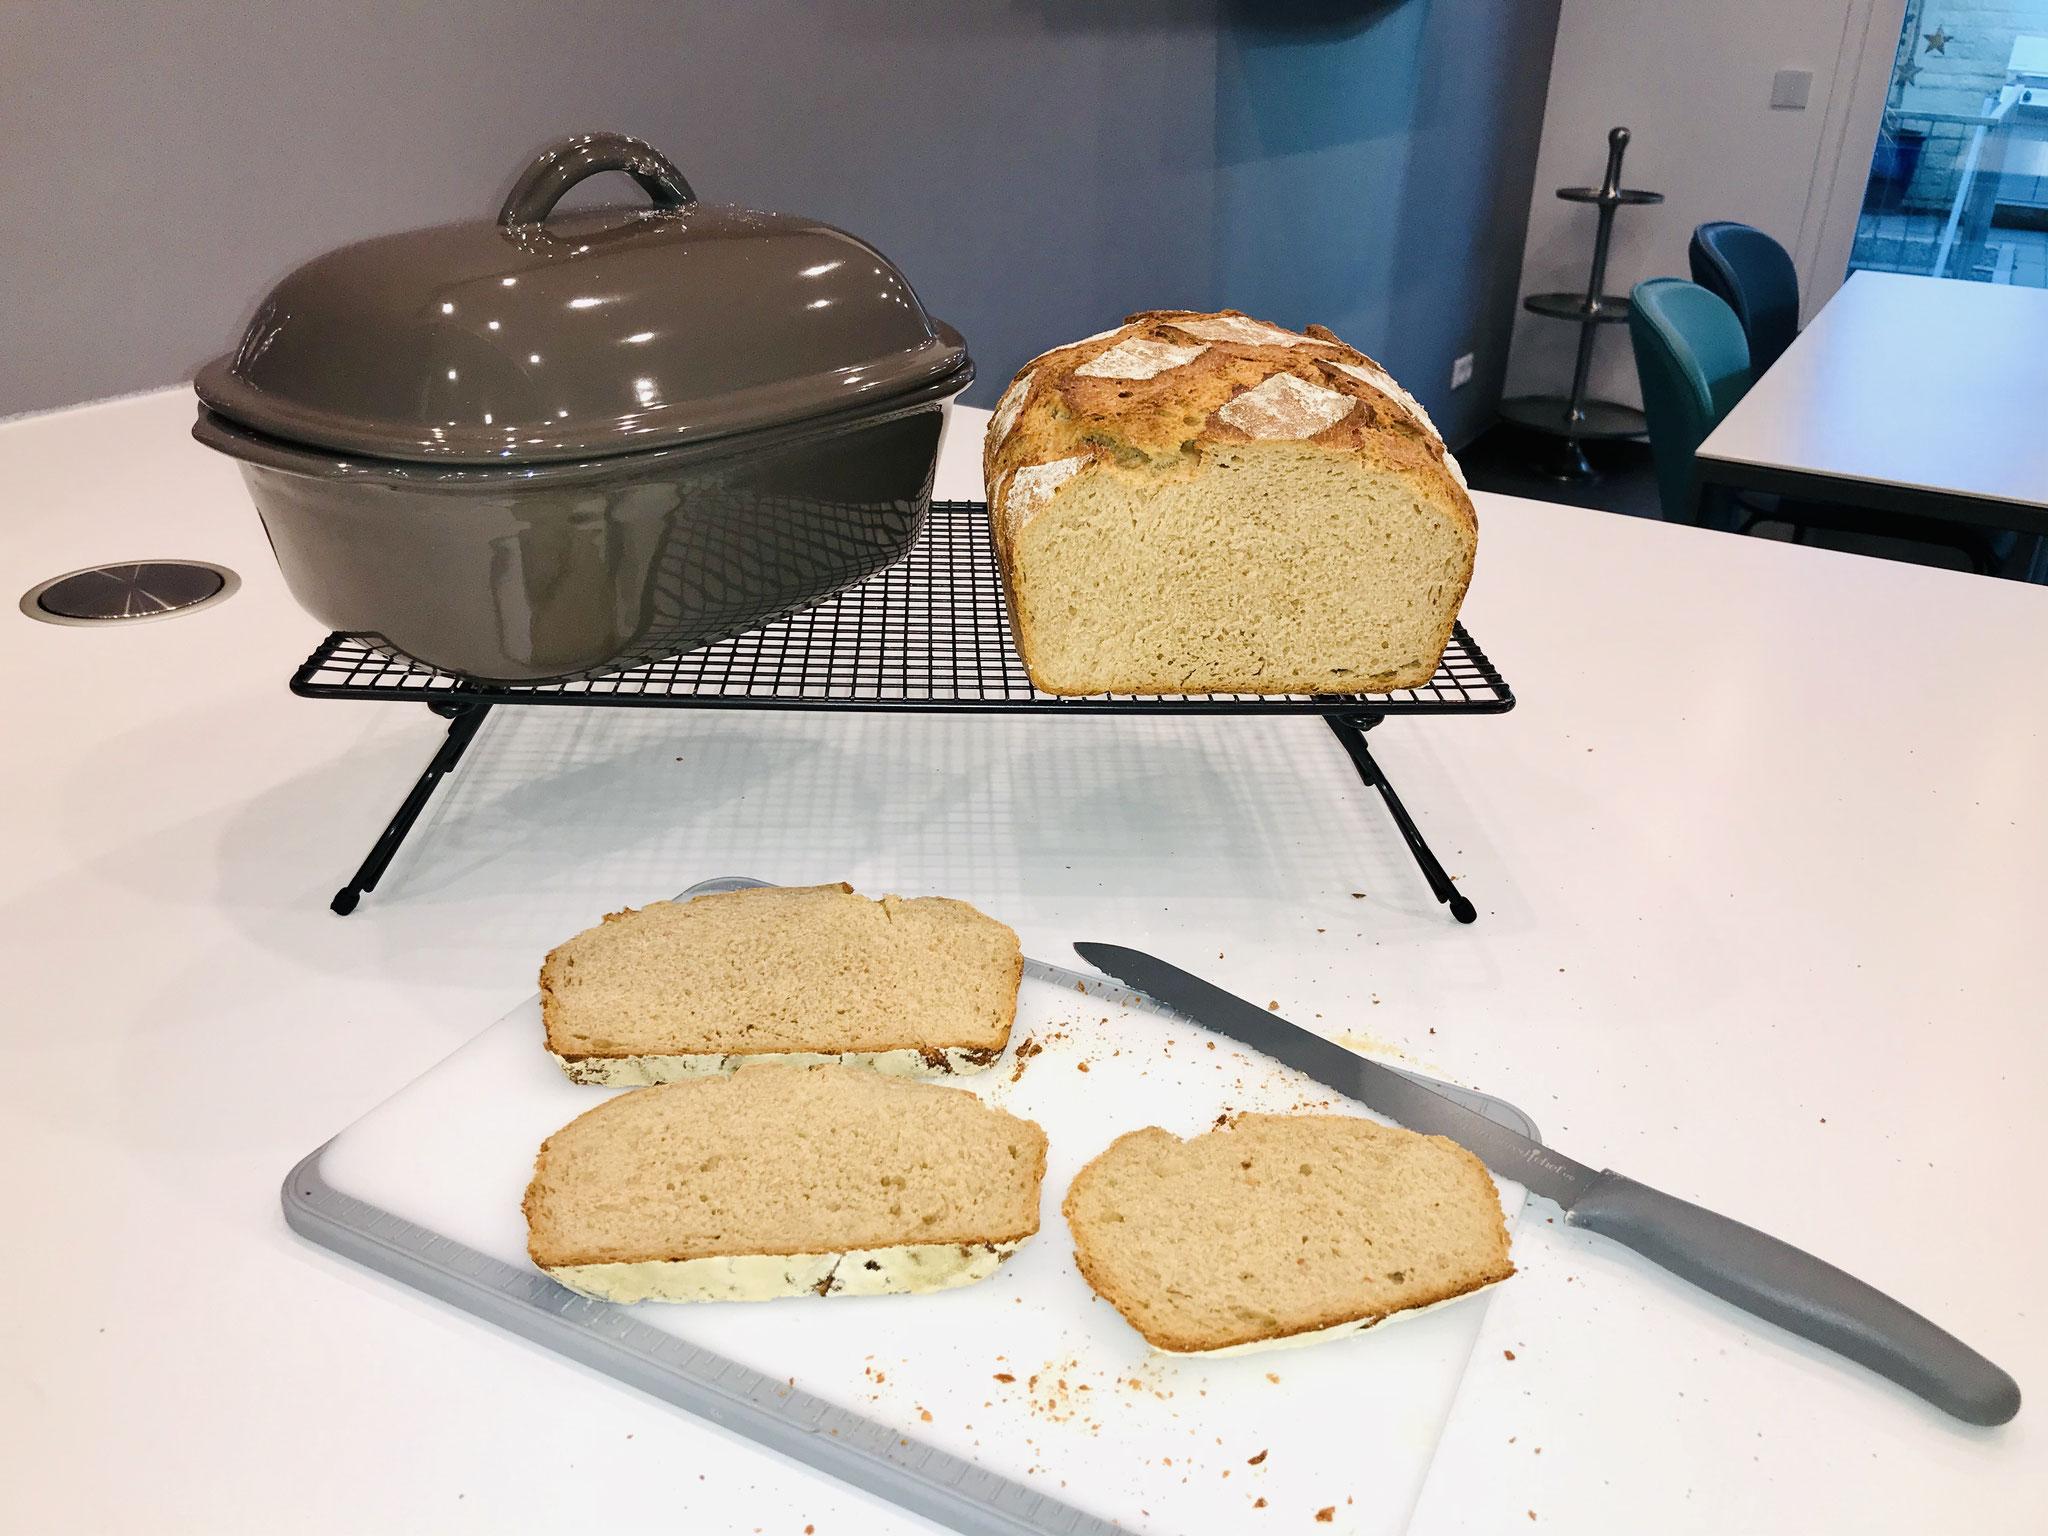 Nun freue ich mich das leckere selbst gebackene Brot geniesen zu dürfen ♥